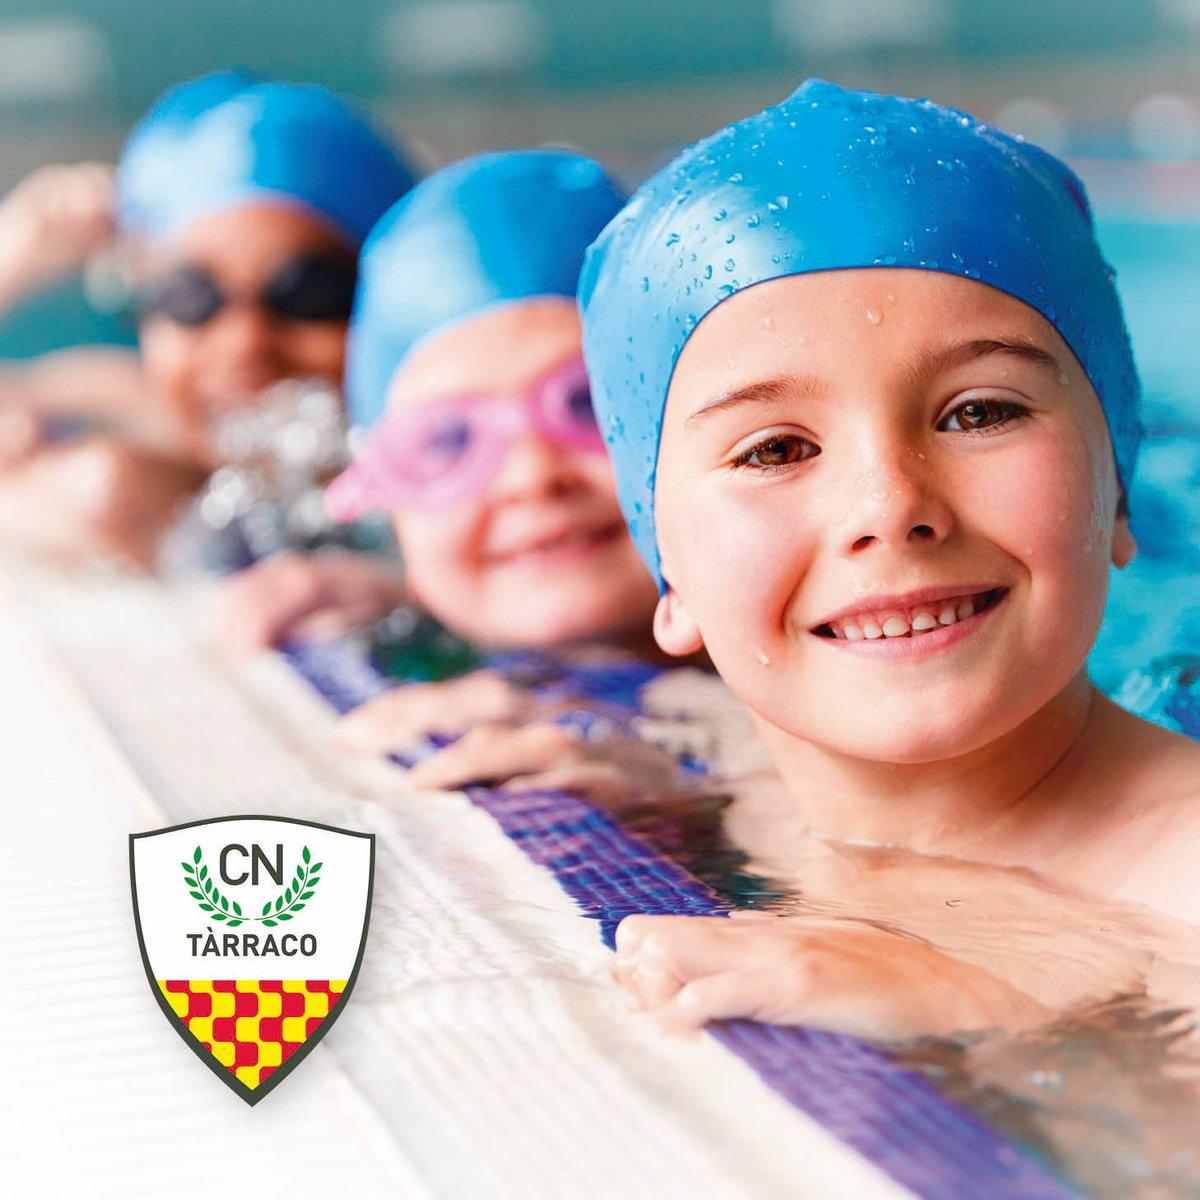 Aquesta tardor, aprèn a nedar al Tàrraco! Cursos natació per a nens/es de 3 a 14 anys. De dilluns a divendres a les 17.25h o 18.20h i/o combina-ho amb els matins dissabte o diumenge a les 10.15h o 11.15h.Tria 1 dia,2 o 3 a la setmana! #cntarraco #natacio #aprenanedarambeltarraco https://t.co/qPjDxAxB1y